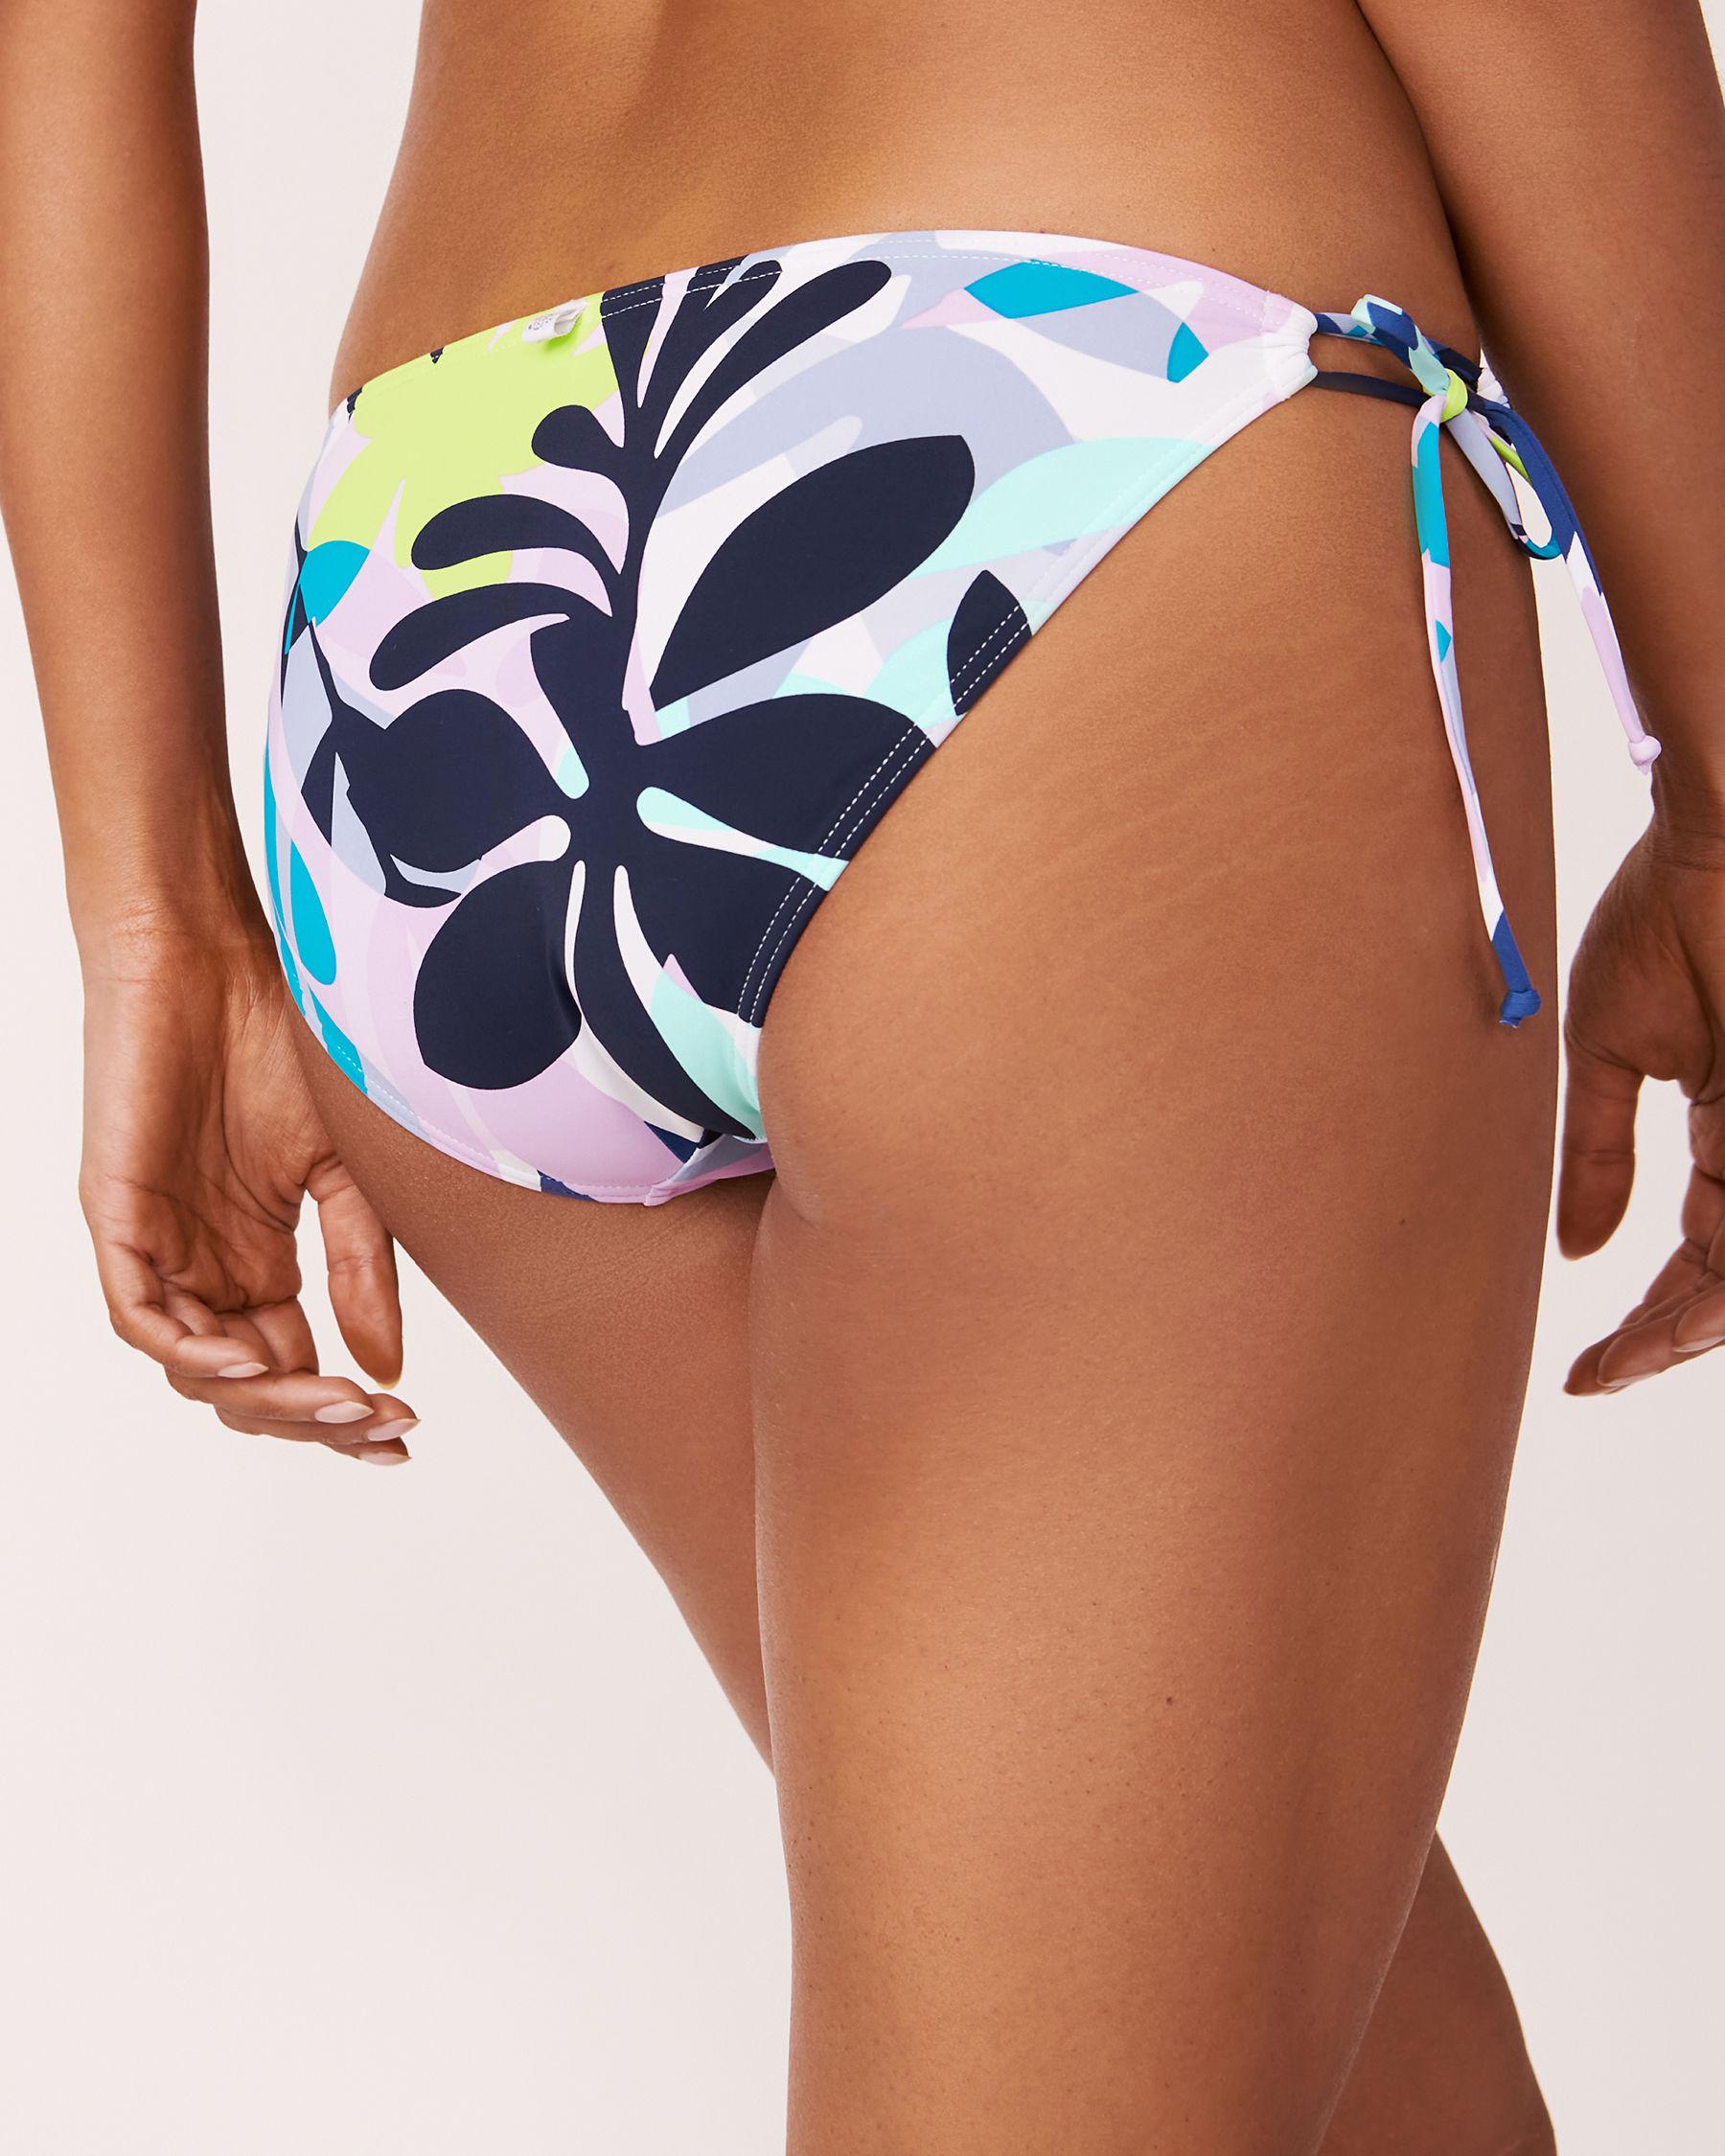 LA VIE EN ROSE AQUA Bas de bikini noué aux hanches SPRING LEAVES Imprimé feuilles 70300006 - Voir2